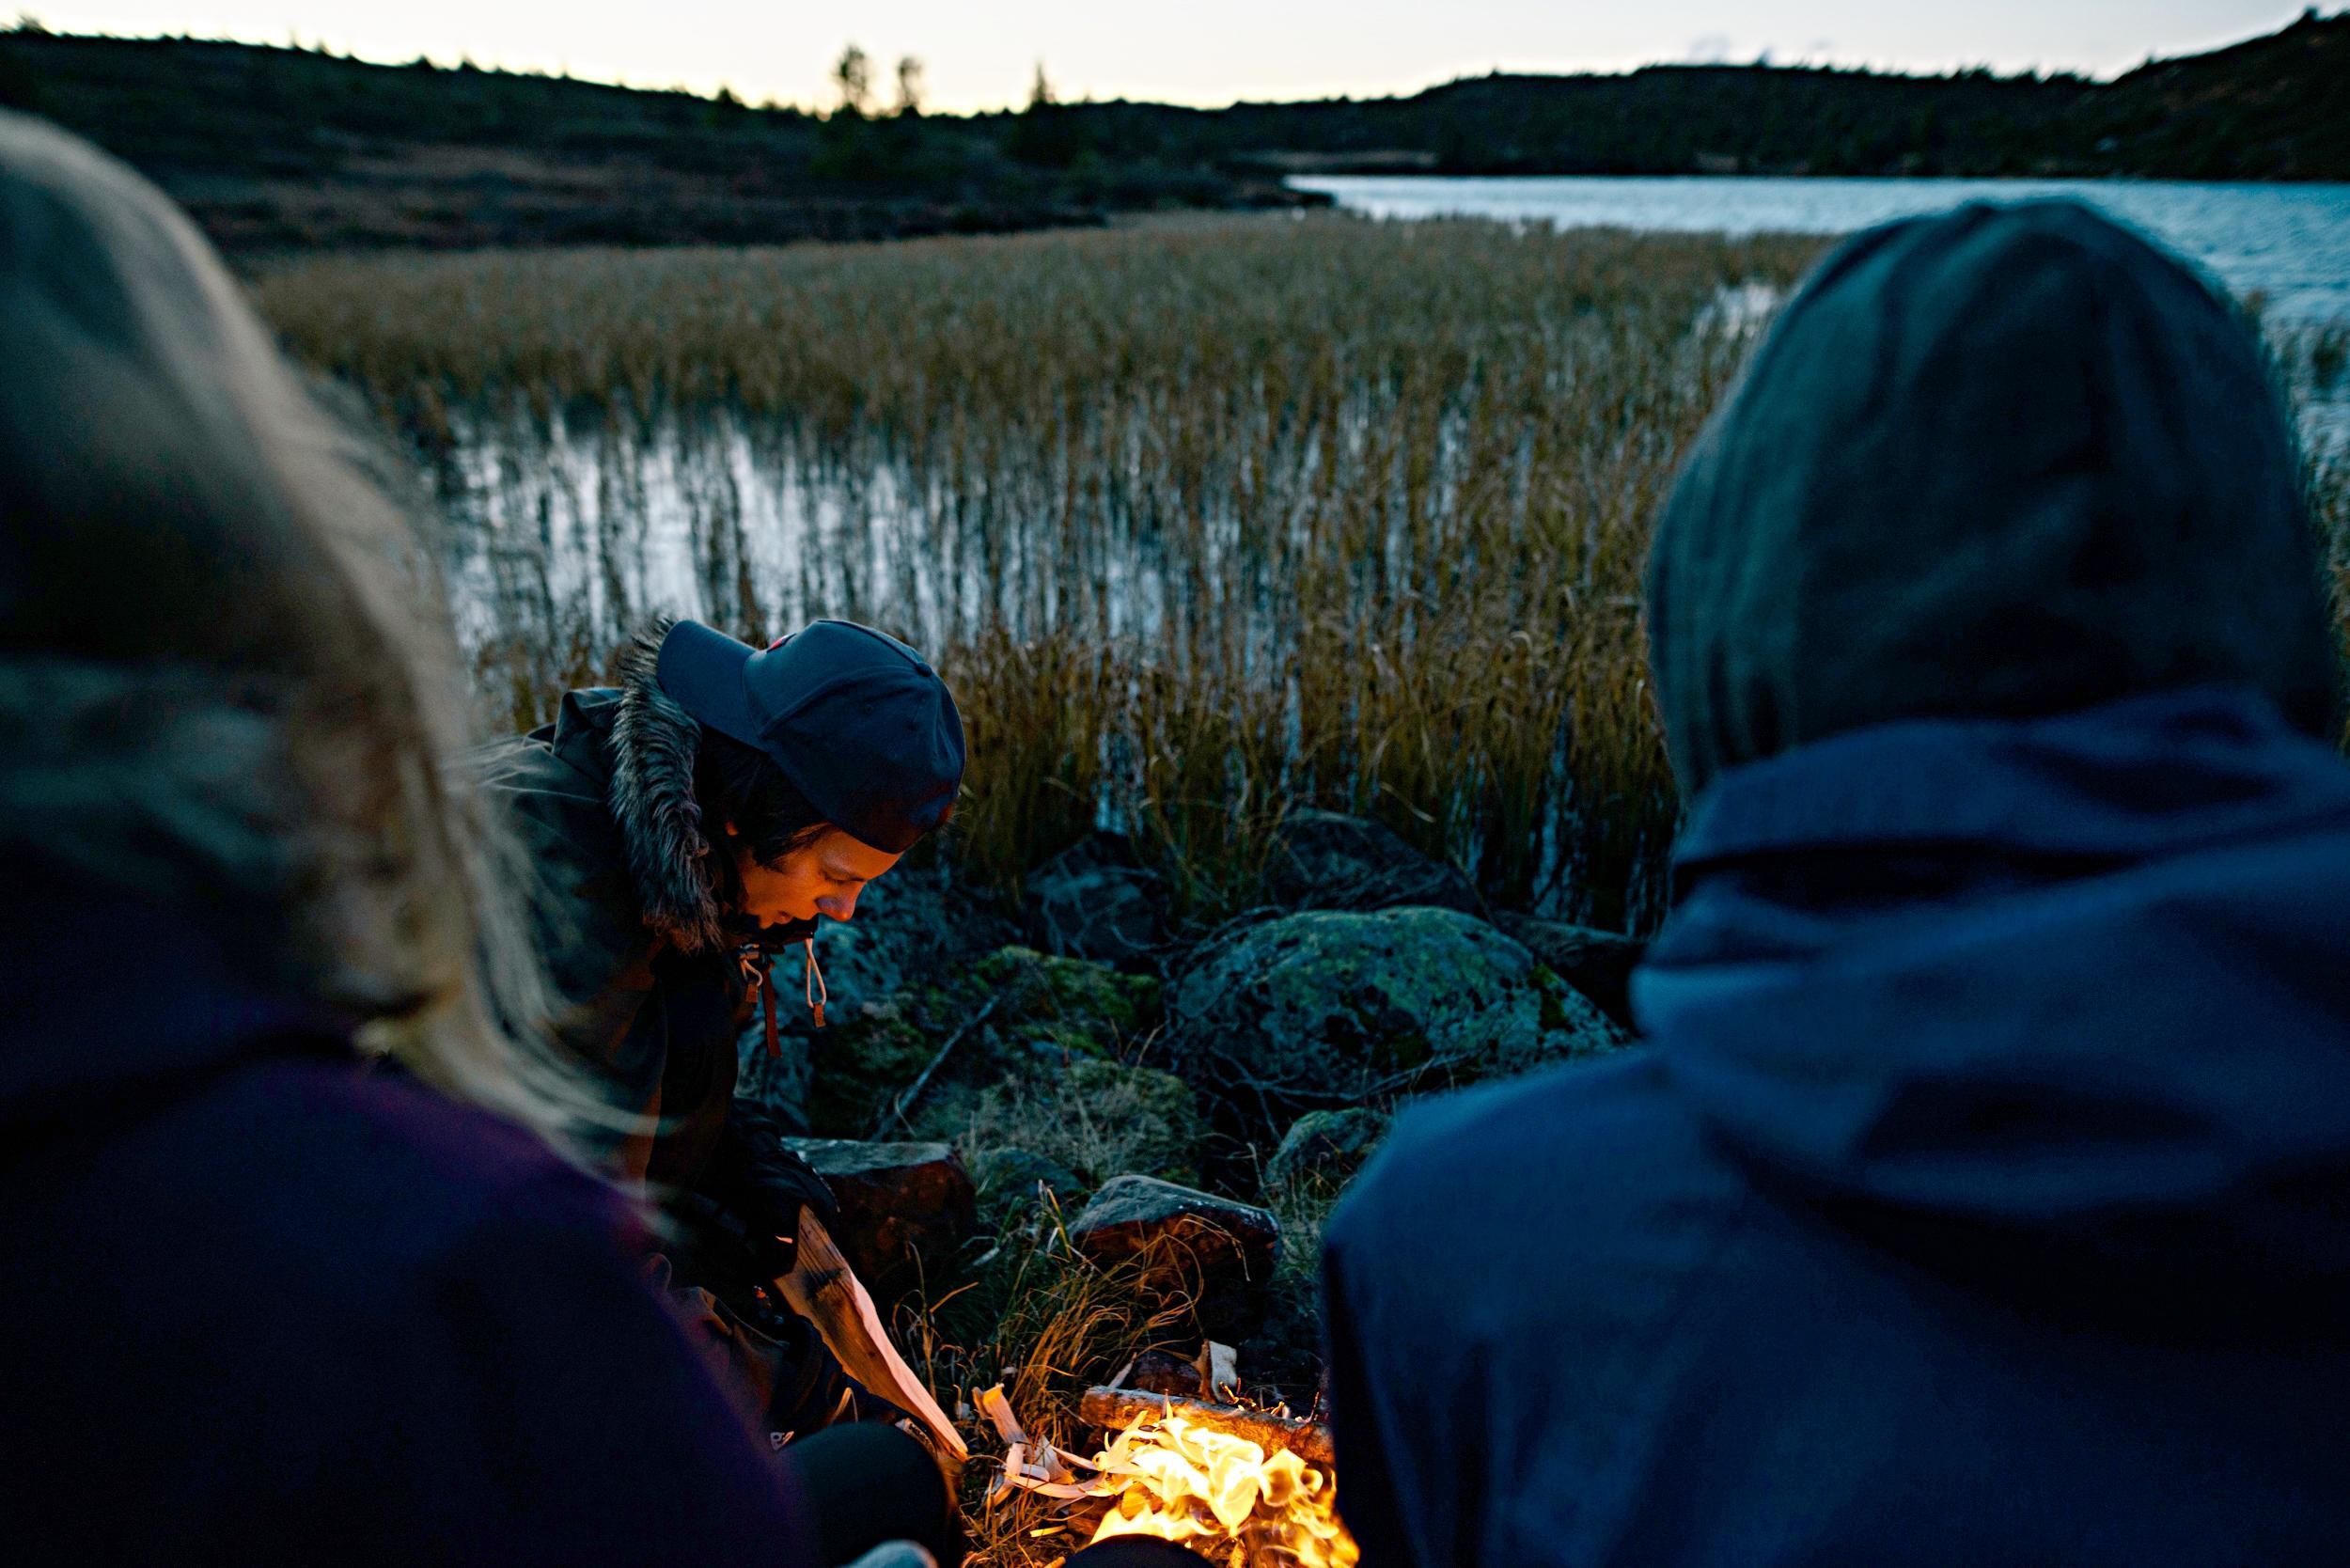 Norsk Mestring har verdiene Kjærlighet, åpenhet, engasjement, ærlighet og ansvarlighet